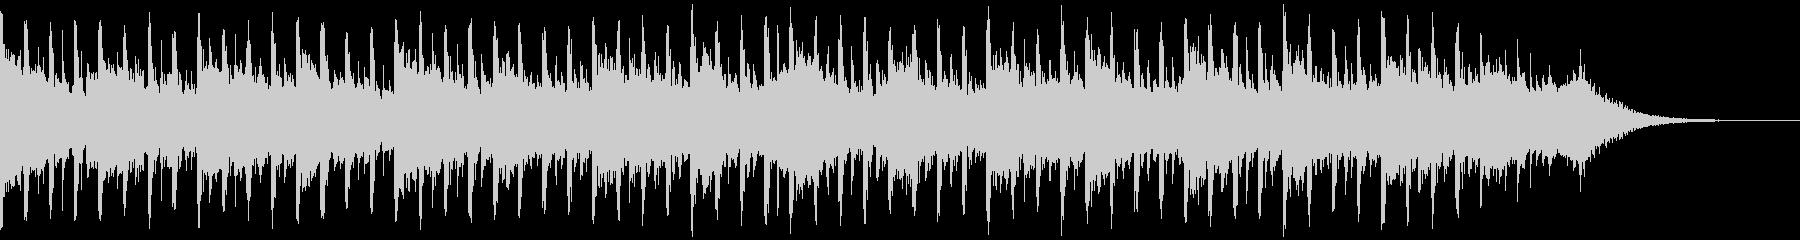 説明者の背景(40秒)の未再生の波形